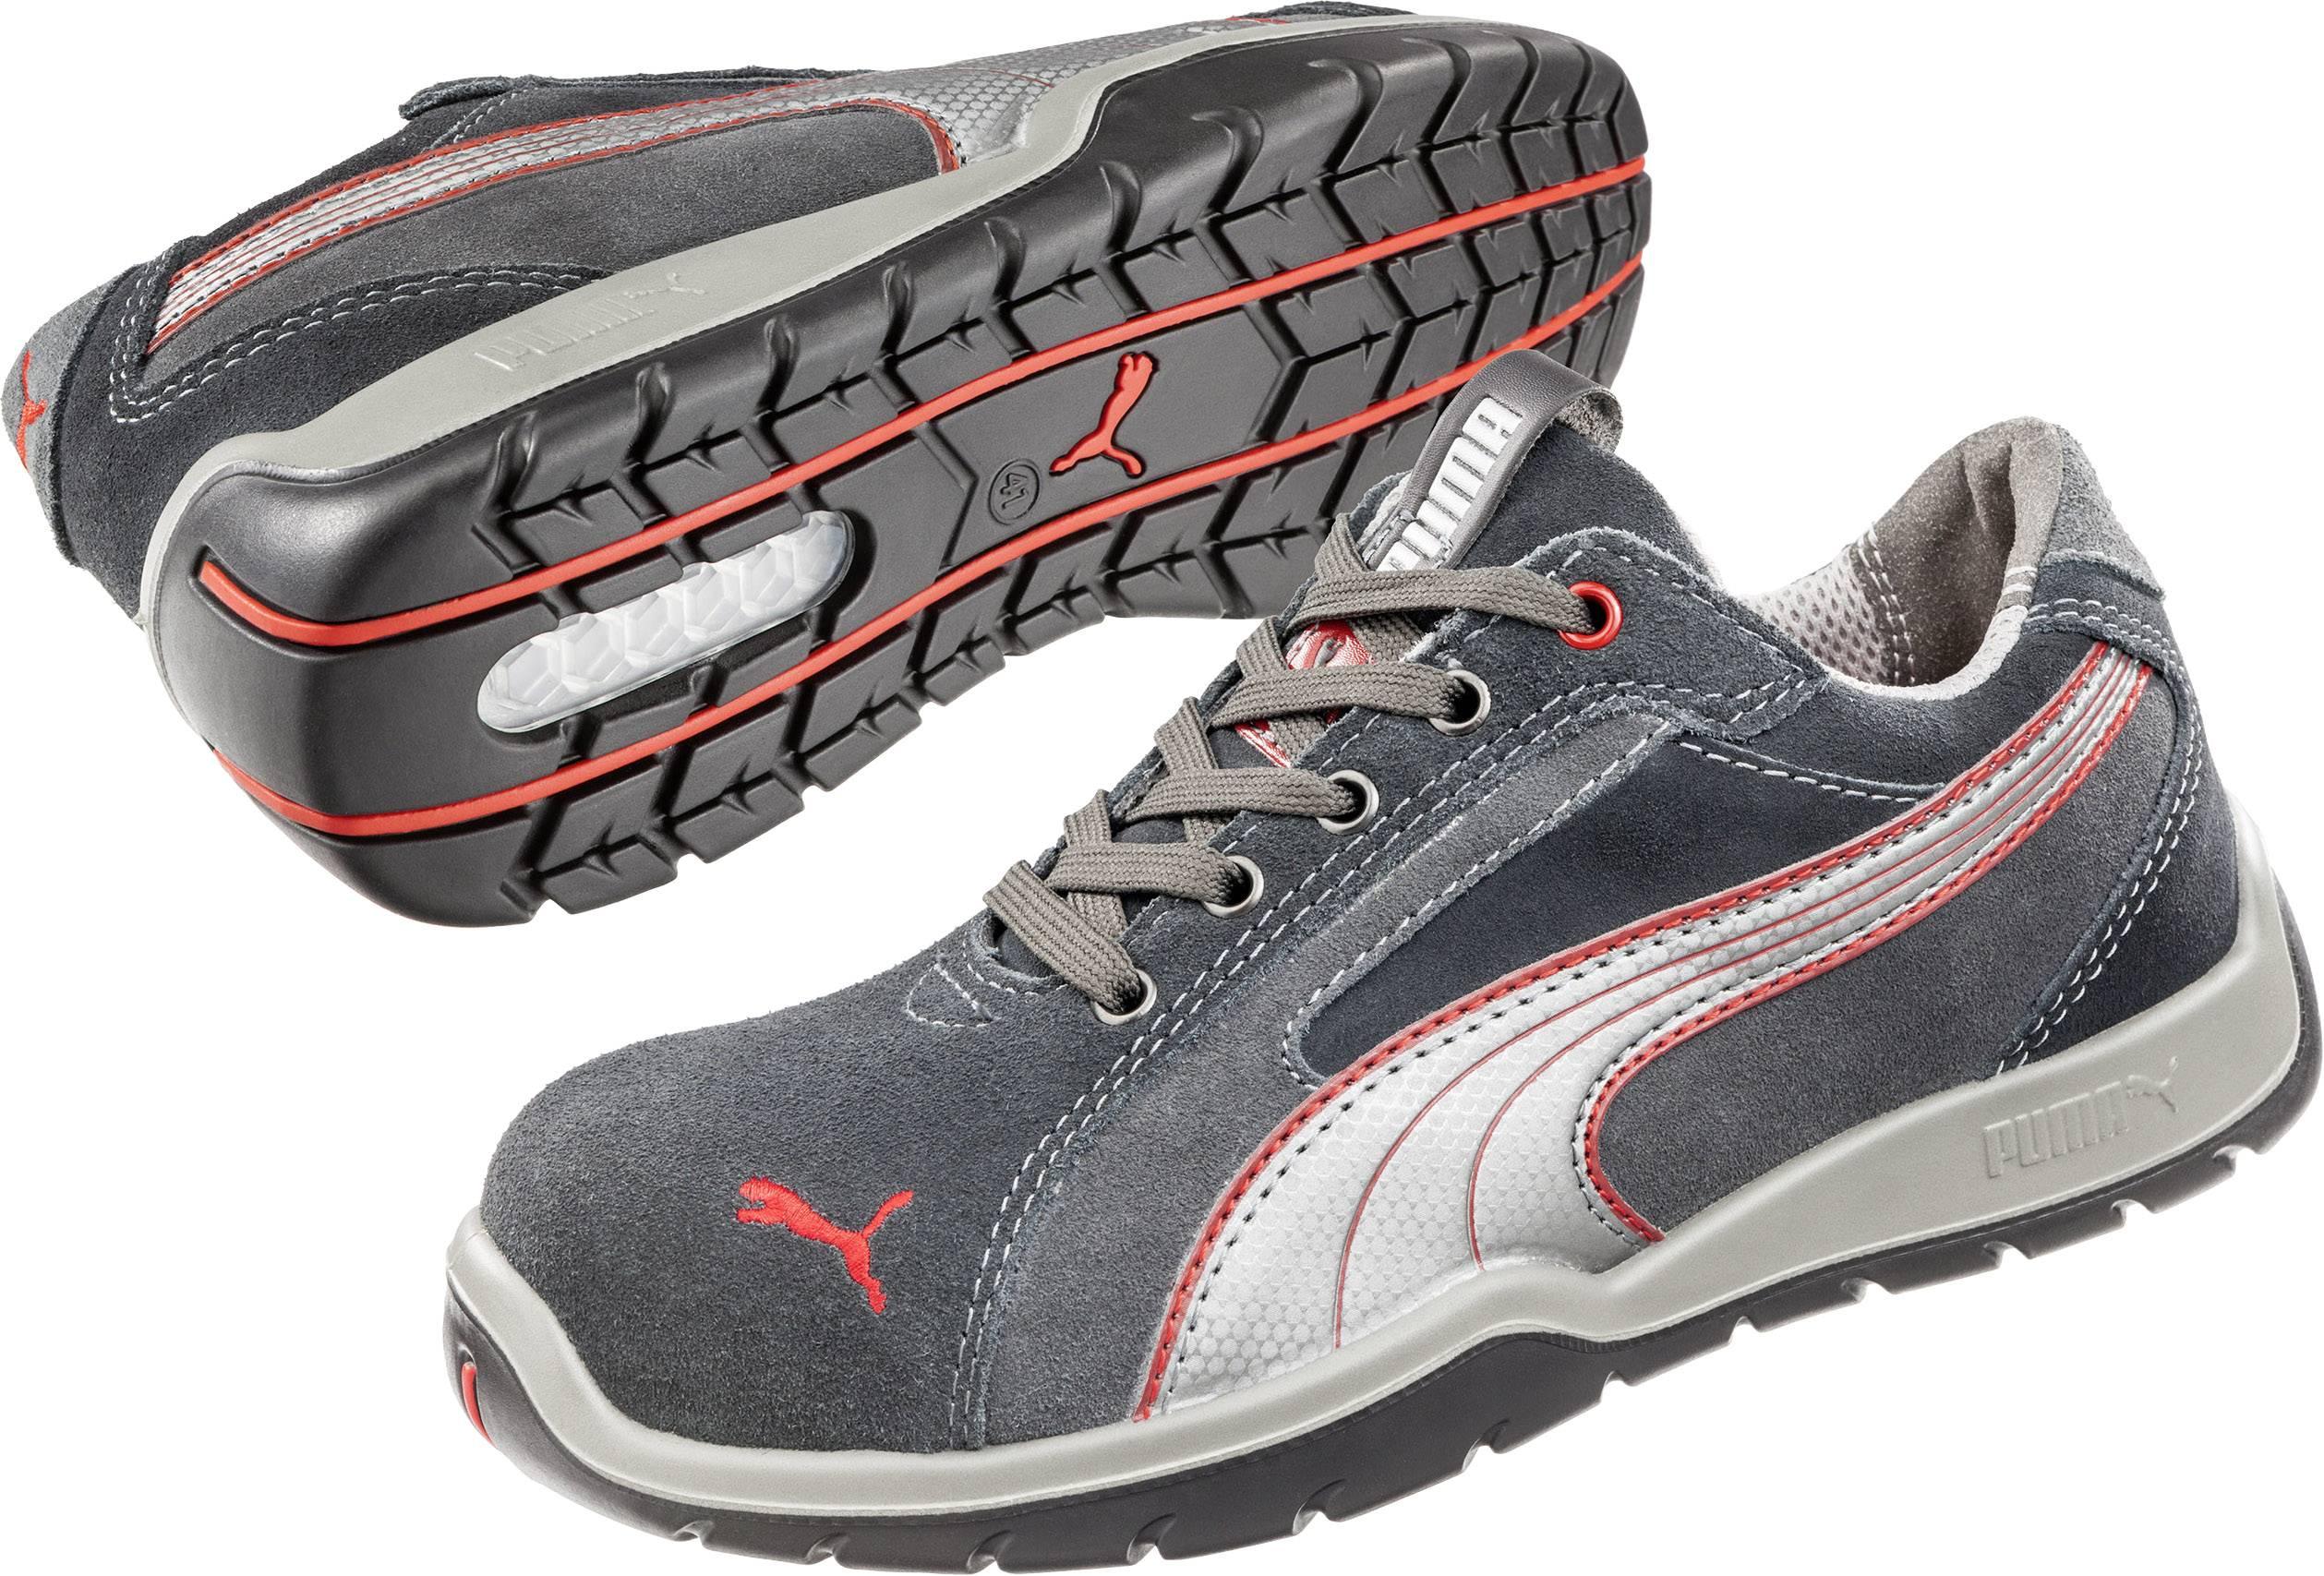 Chaussures de sécurité ESD S1P Albatros ENERGY IMPULSE RED LOW 646640 44 Taille: 44 rouge, noir 1 paire(s)